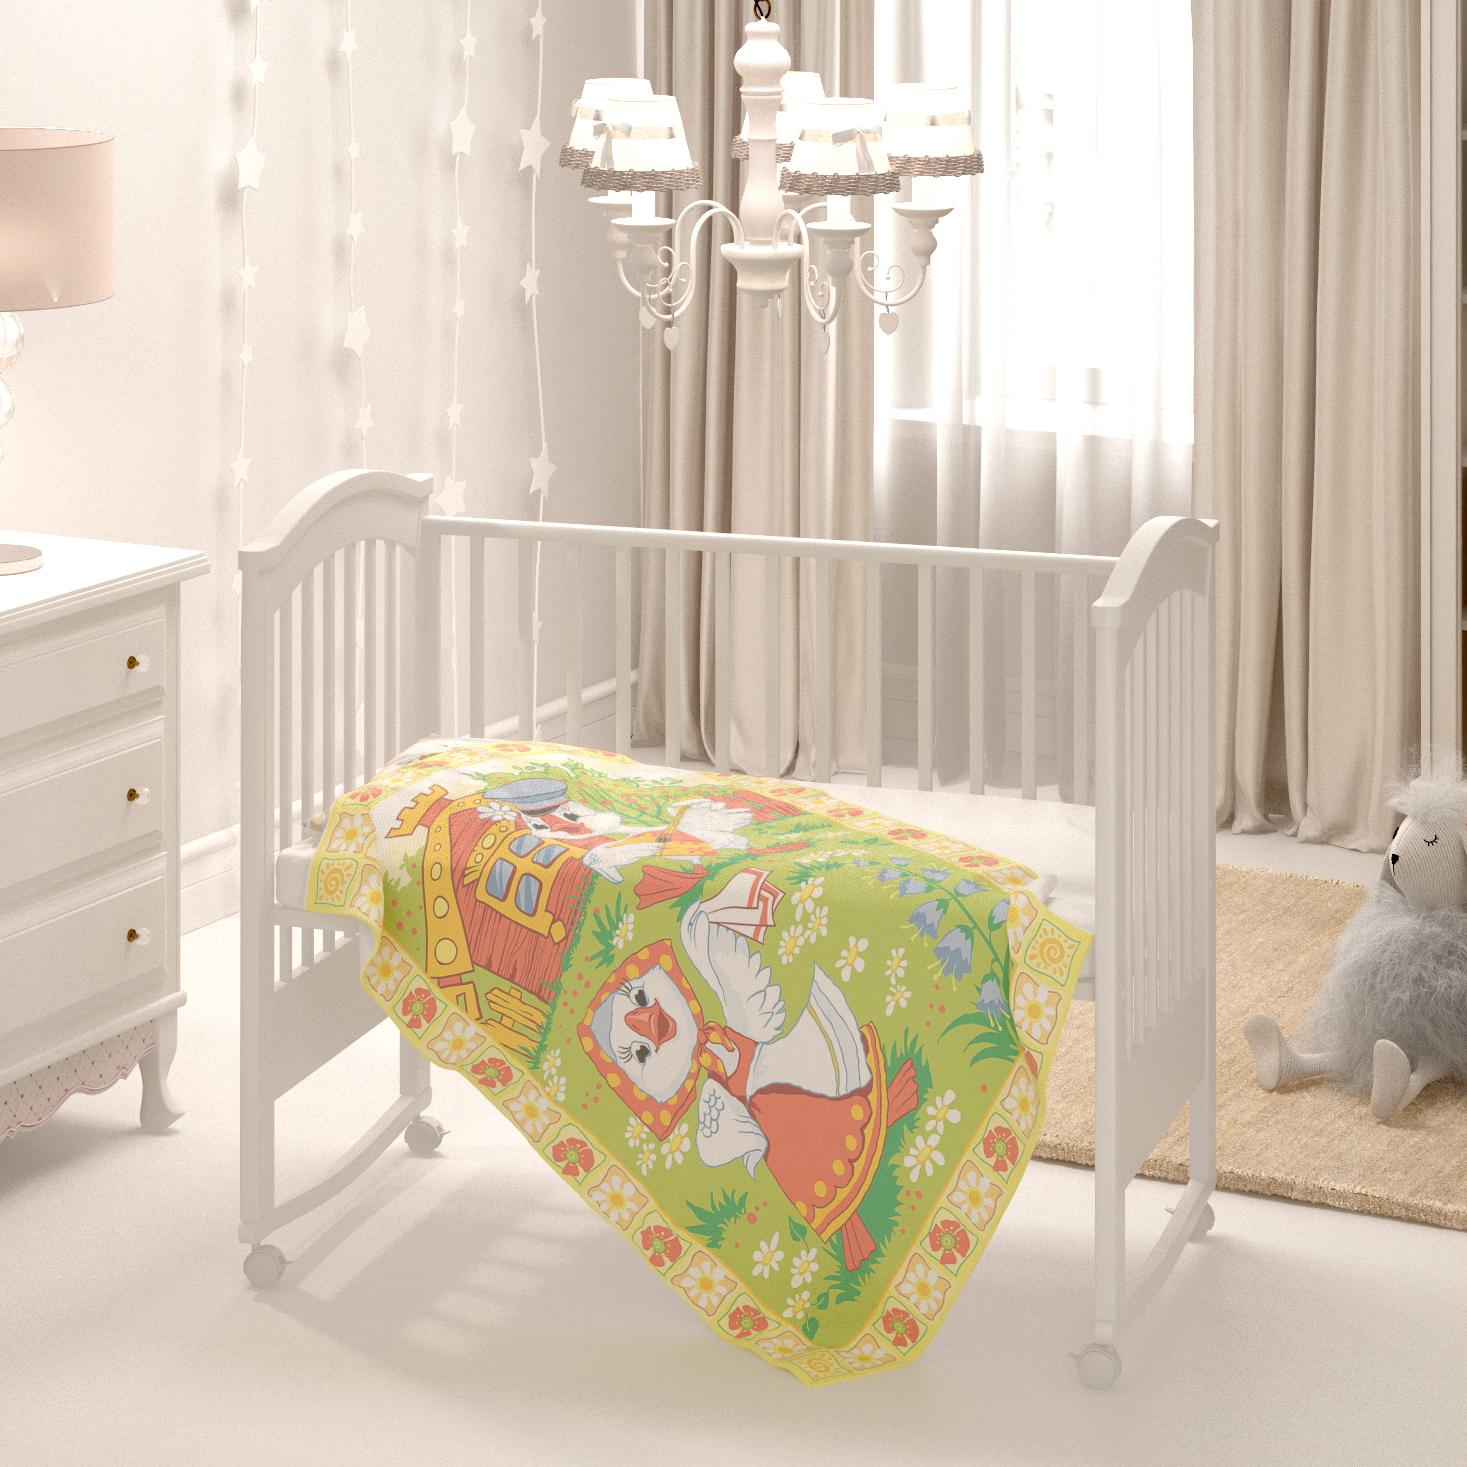 """Одеяло байковое Baby Nice Веселые гуси D321511/11, разноцветный, 100 х 140 смD321511/11Детское байковое одеяло """" Веселые гуси"""" подарит Вашему малышу максимальный уровень комфорта и крепкий сон! Эти """"дышащие"""", высоко экологичные, гигроскопичные, гипоаллергенные одеяла очень популярны как в нашей стране, так и далеко за её пределами. Эксклюзивное принтованное байковое одеяло """" Веселые гуси"""" подходит как для дома, так и для прогулки. Выдерживает множество стирок, не линяет и не теряет яркость цвета. Можно использовать круглый год. Не сомневайтесь, малыша, укрытого натуральный байковым одеялком, ждем комфортный и крепкий сон! Размер одеяла 100х140 см."""